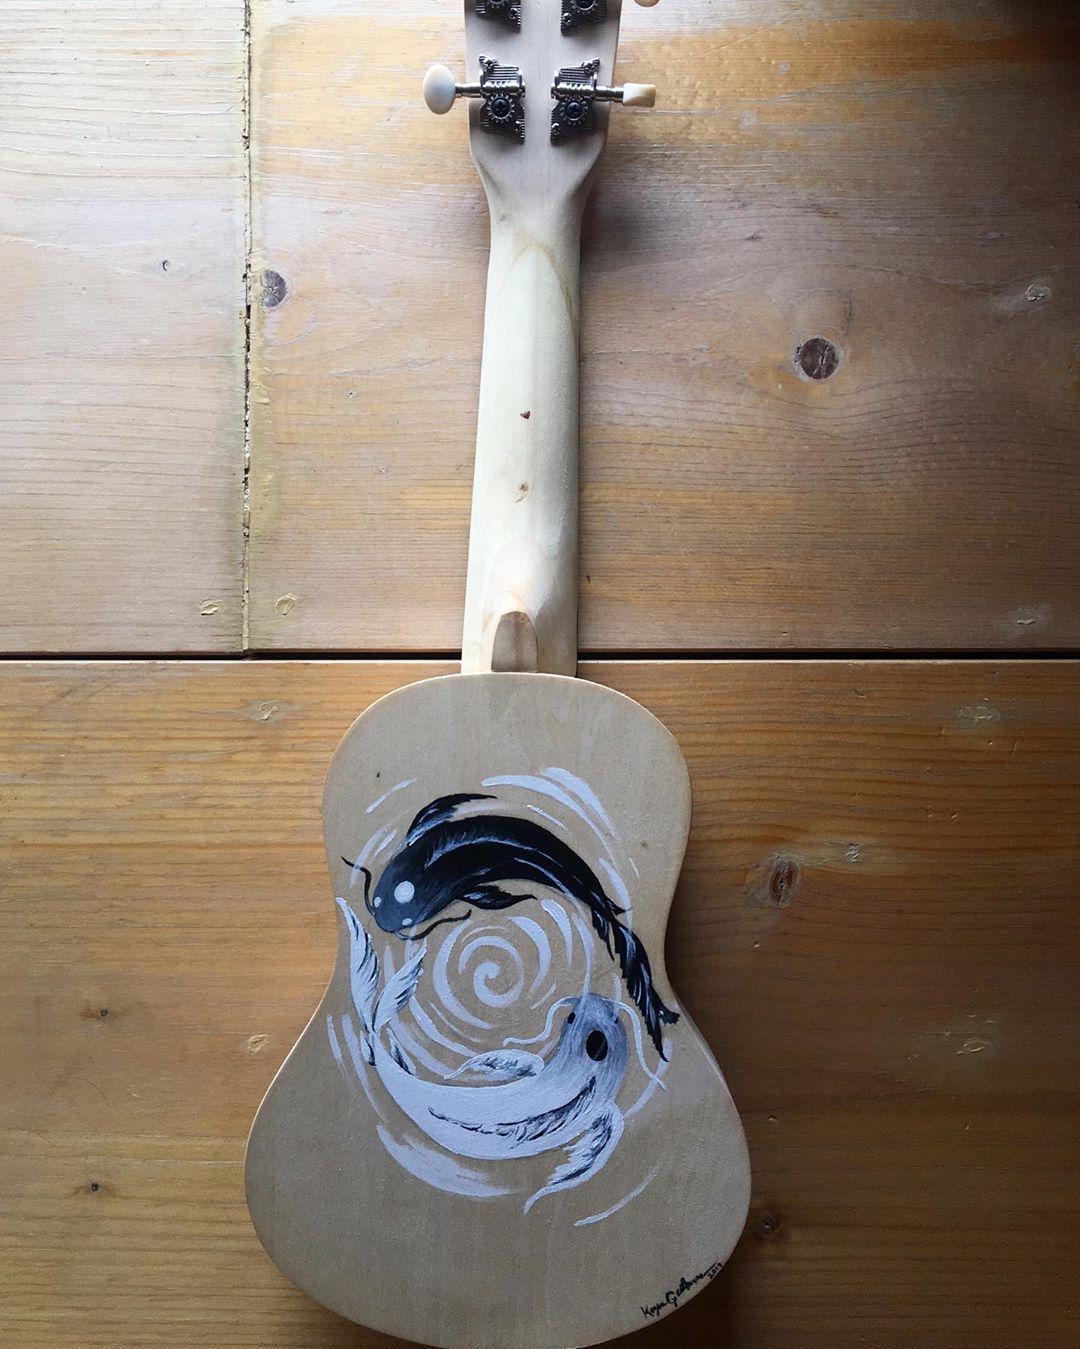 Yin Yang Koi Fish Painted On Plain Wood Ukulele Done For Sammytheginge Semi Gloss Clear Coat Has Yet To Be Done Ukulele Art Fish Painting Ukulele Diy